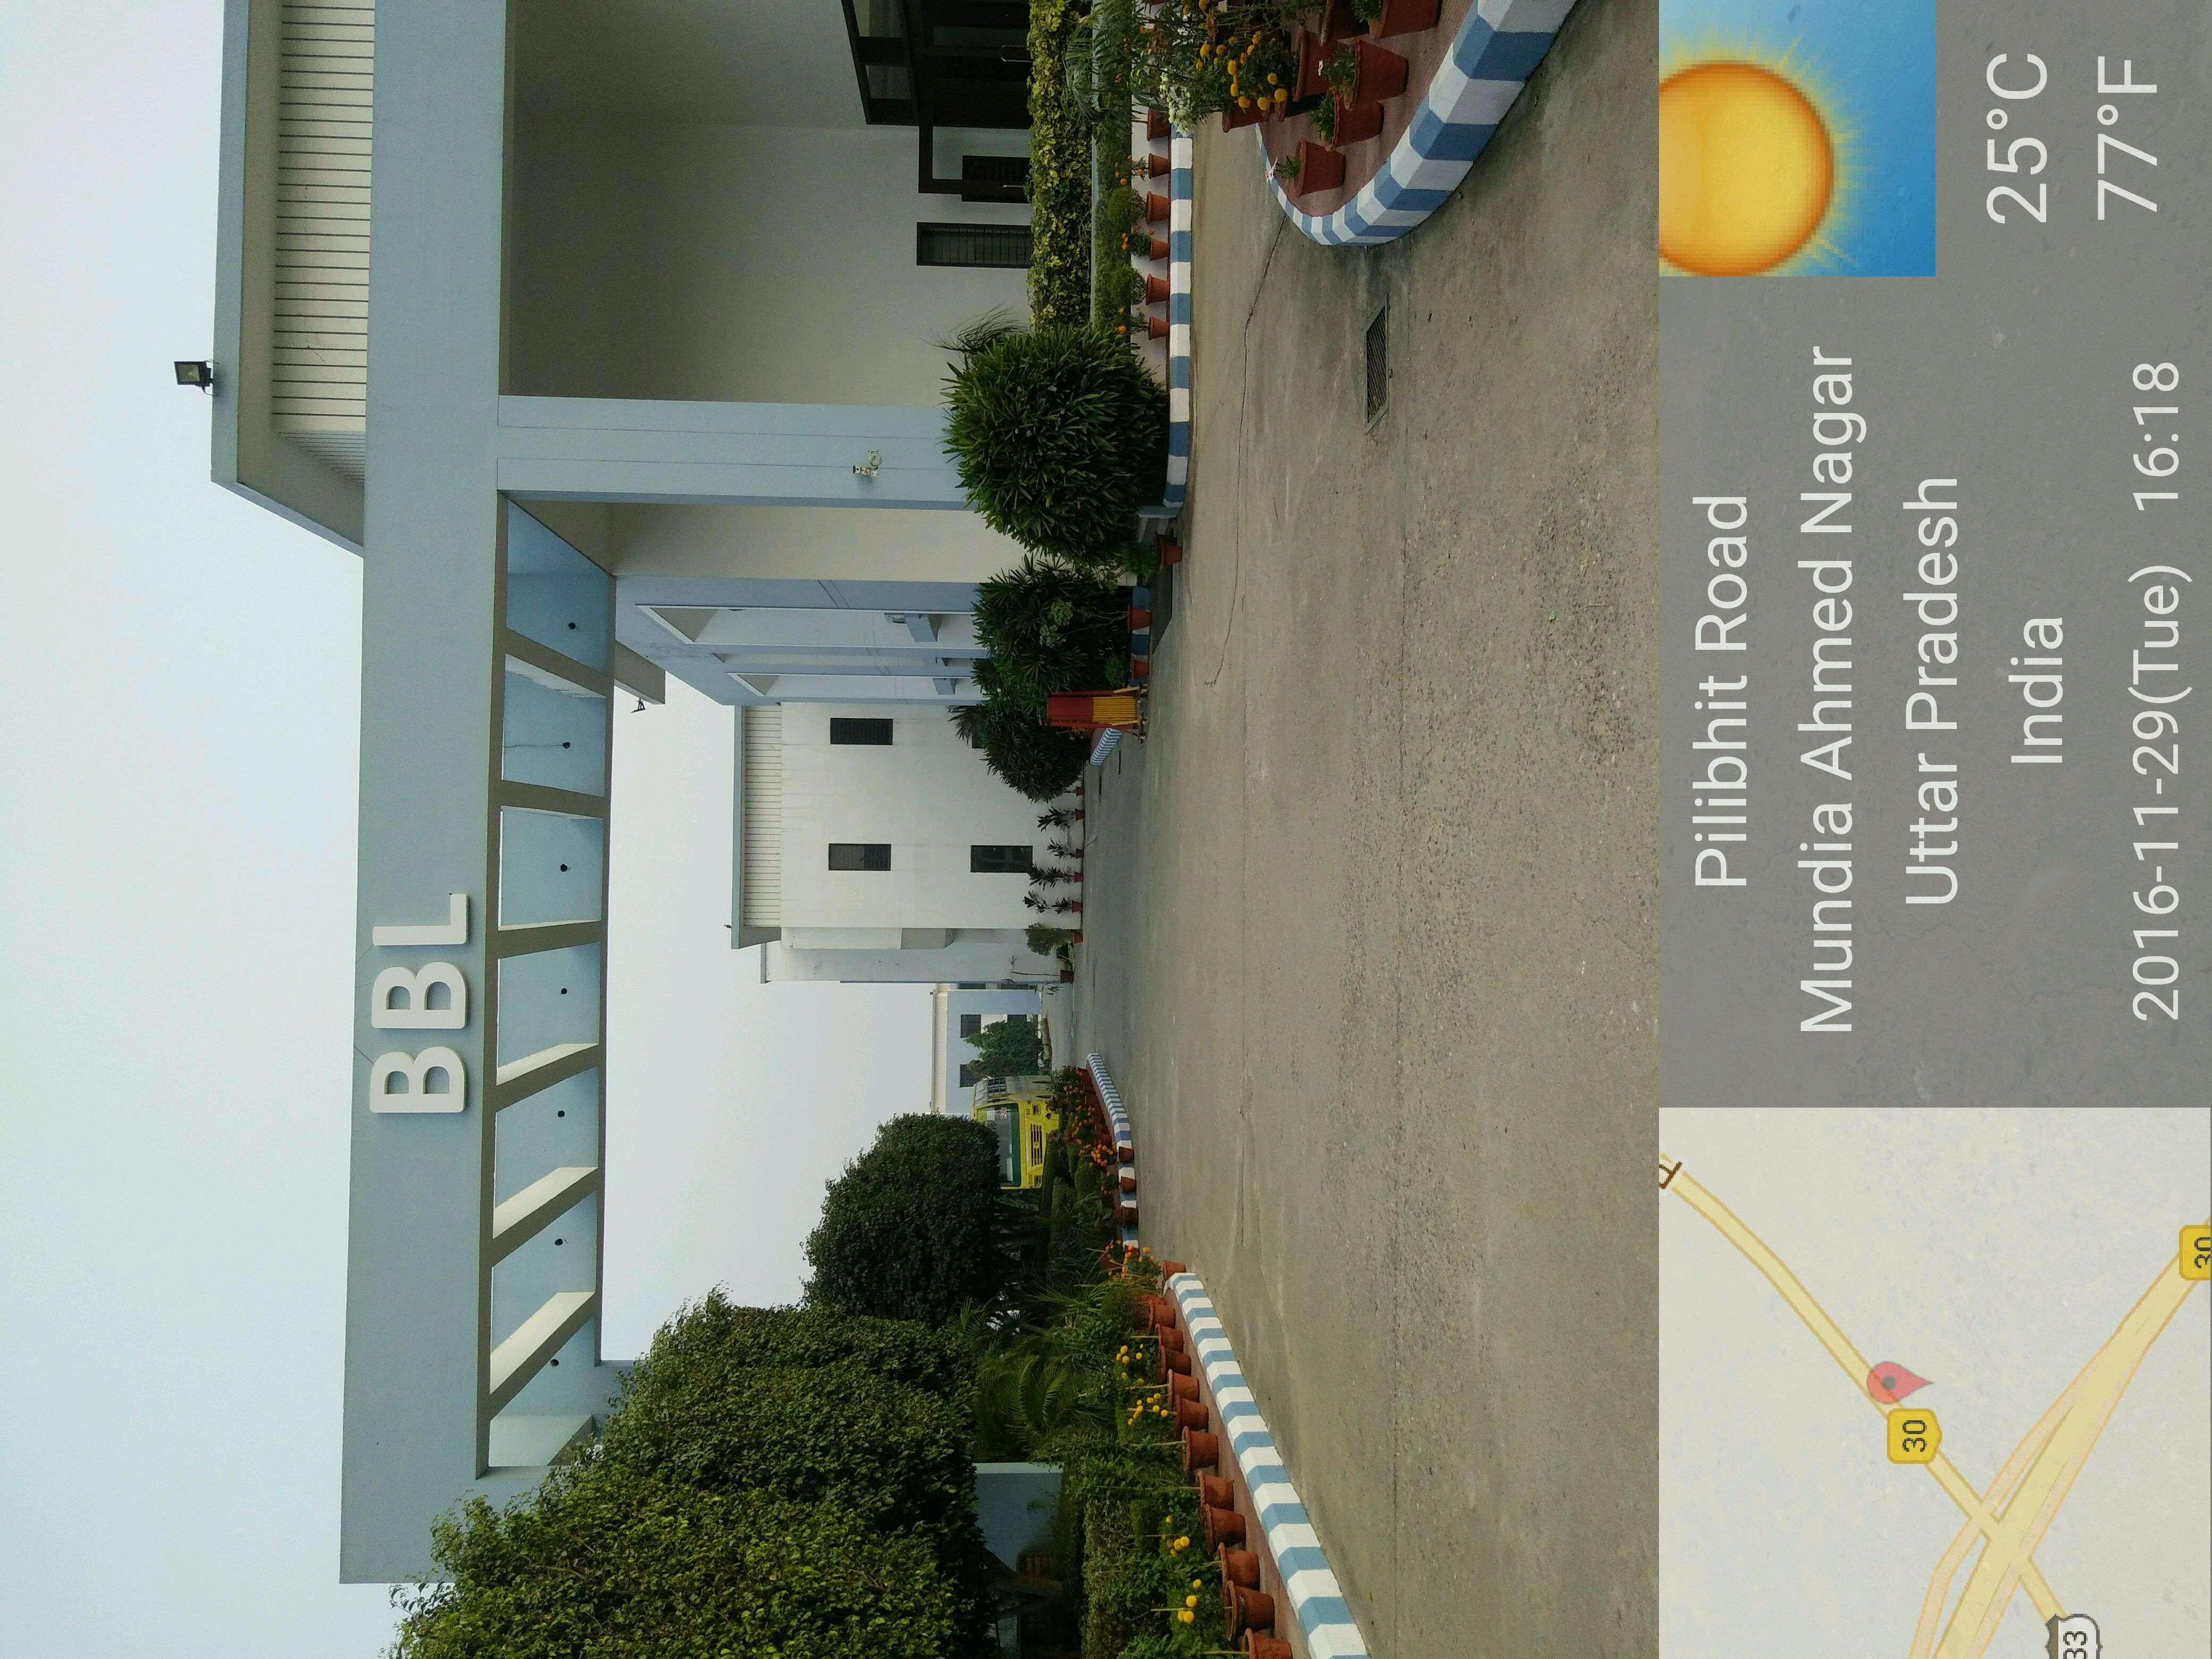 Brij Bhushan Lal Public School Mudia Ahmad Nagar Pilibhit Road Bareilly 2131332